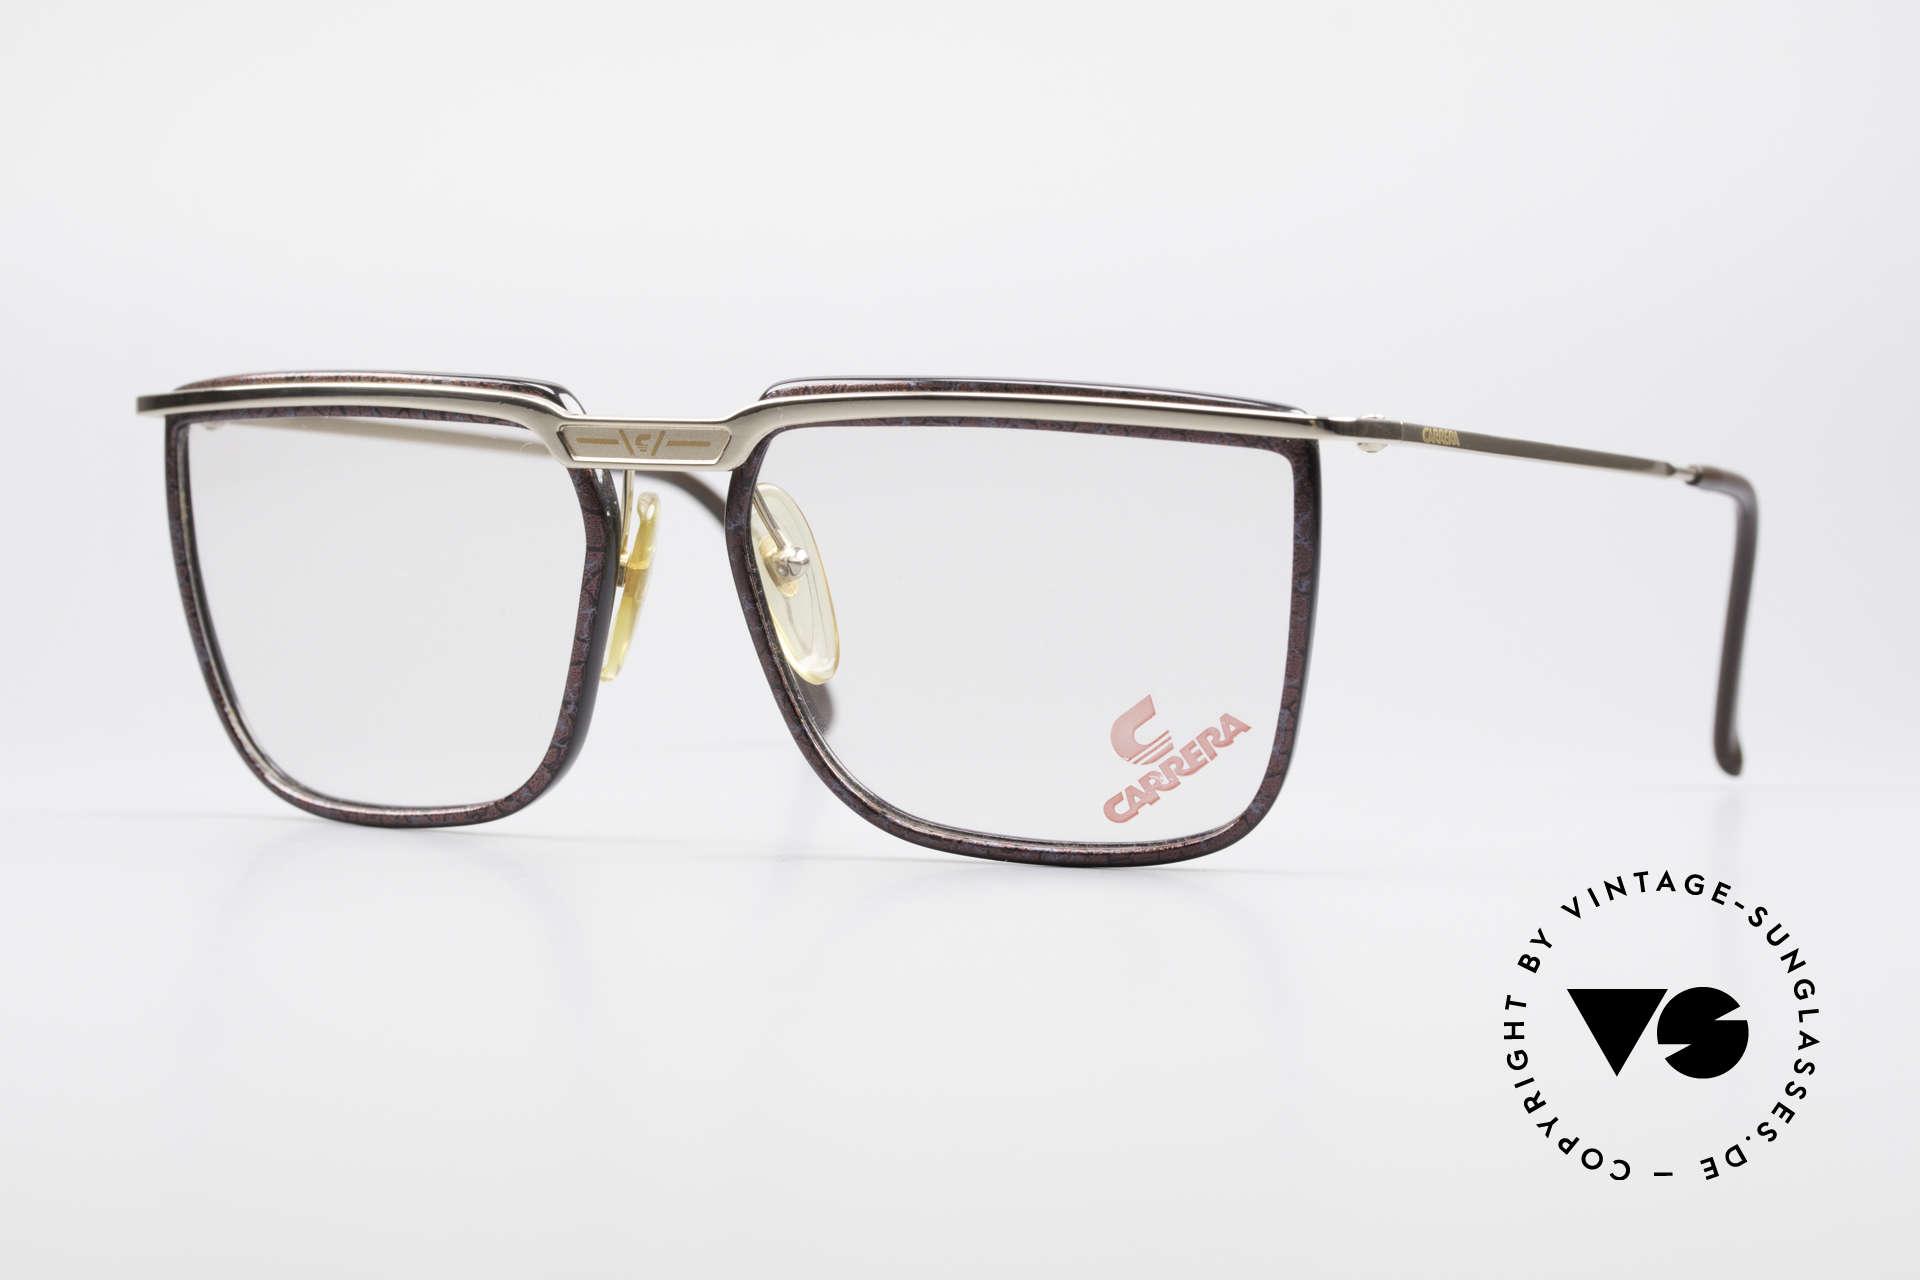 Carrera 5376 Square Vintage Carbon Frame, square vintage 90's CARRERA designer glasses, Made for Men